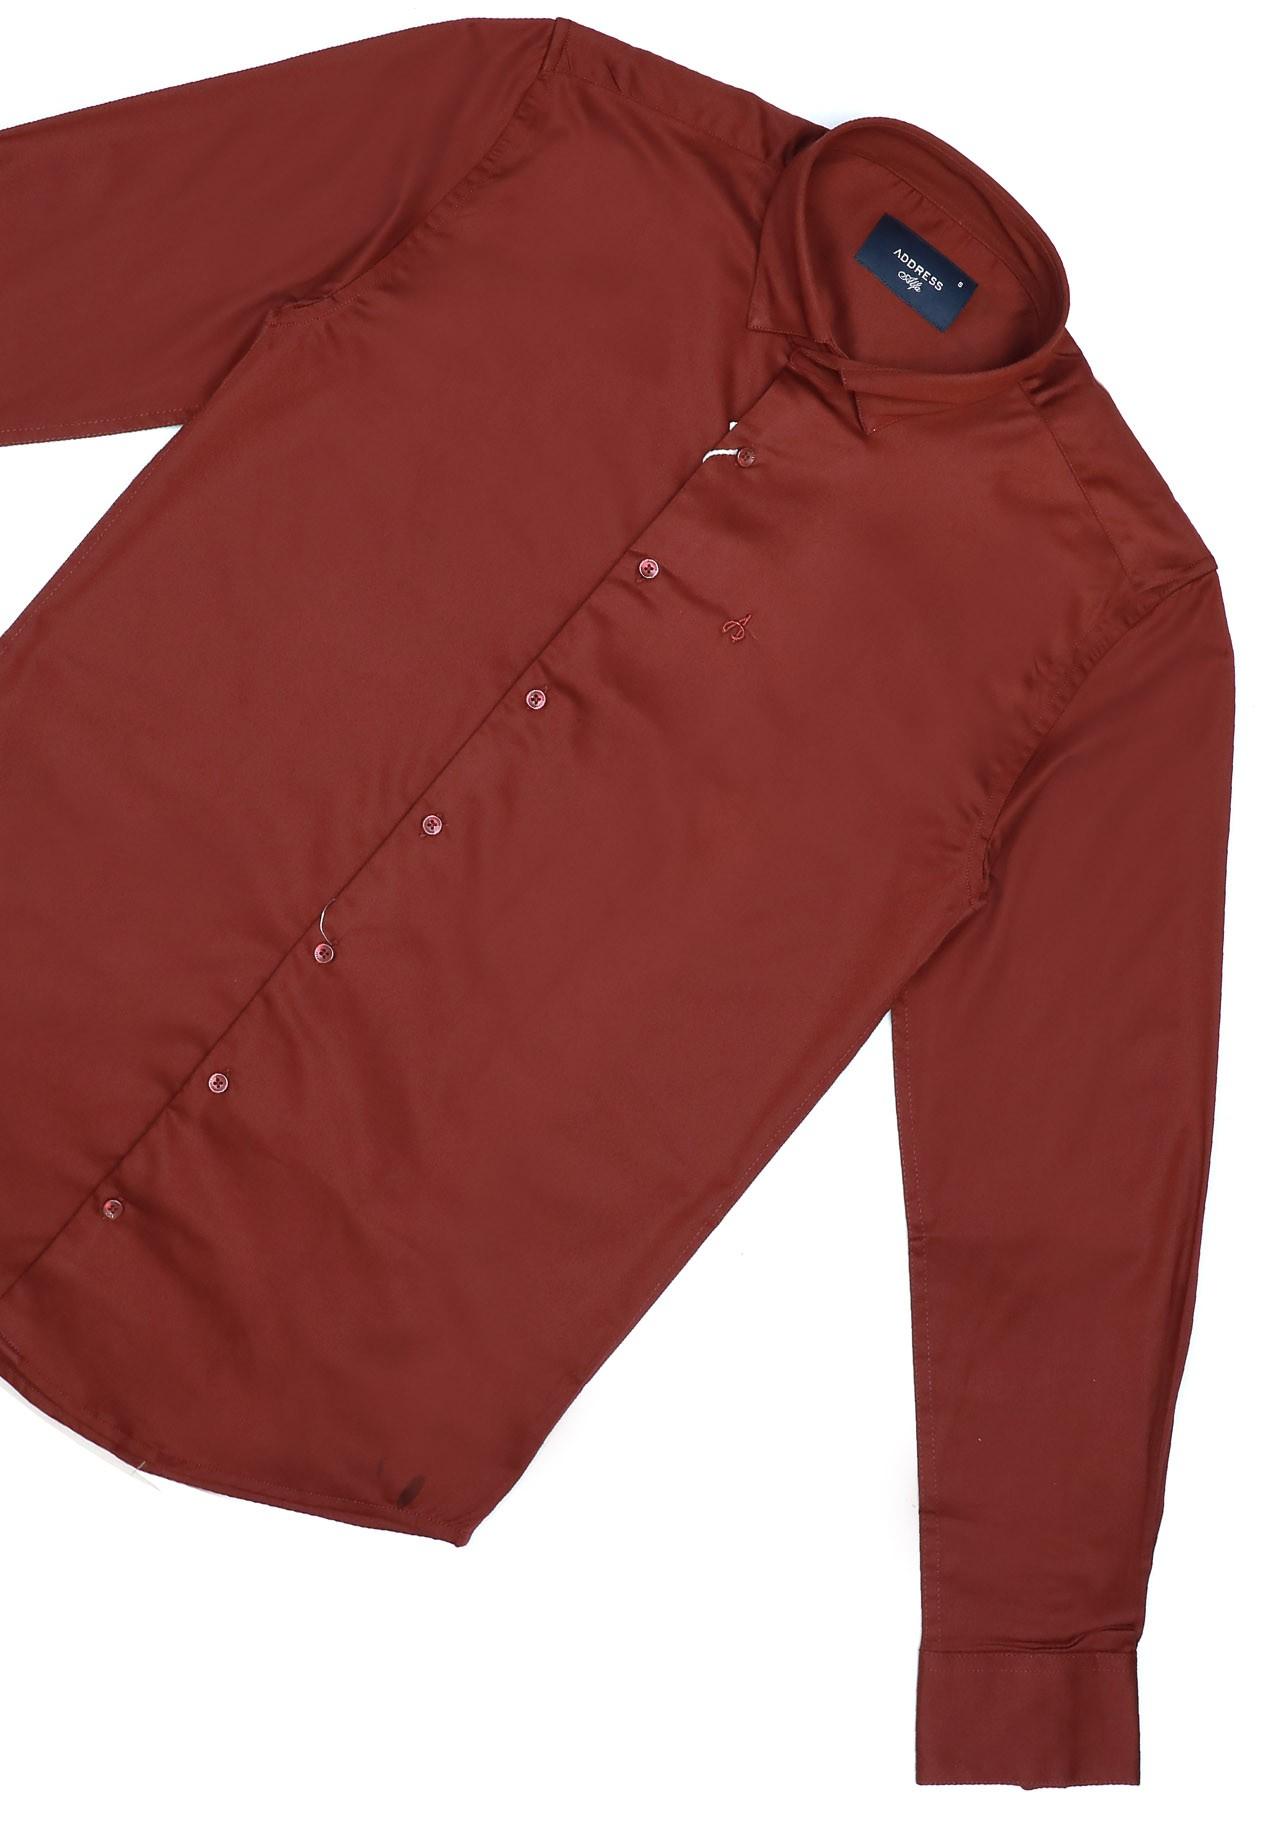 Address Formals Shirt Red, XL